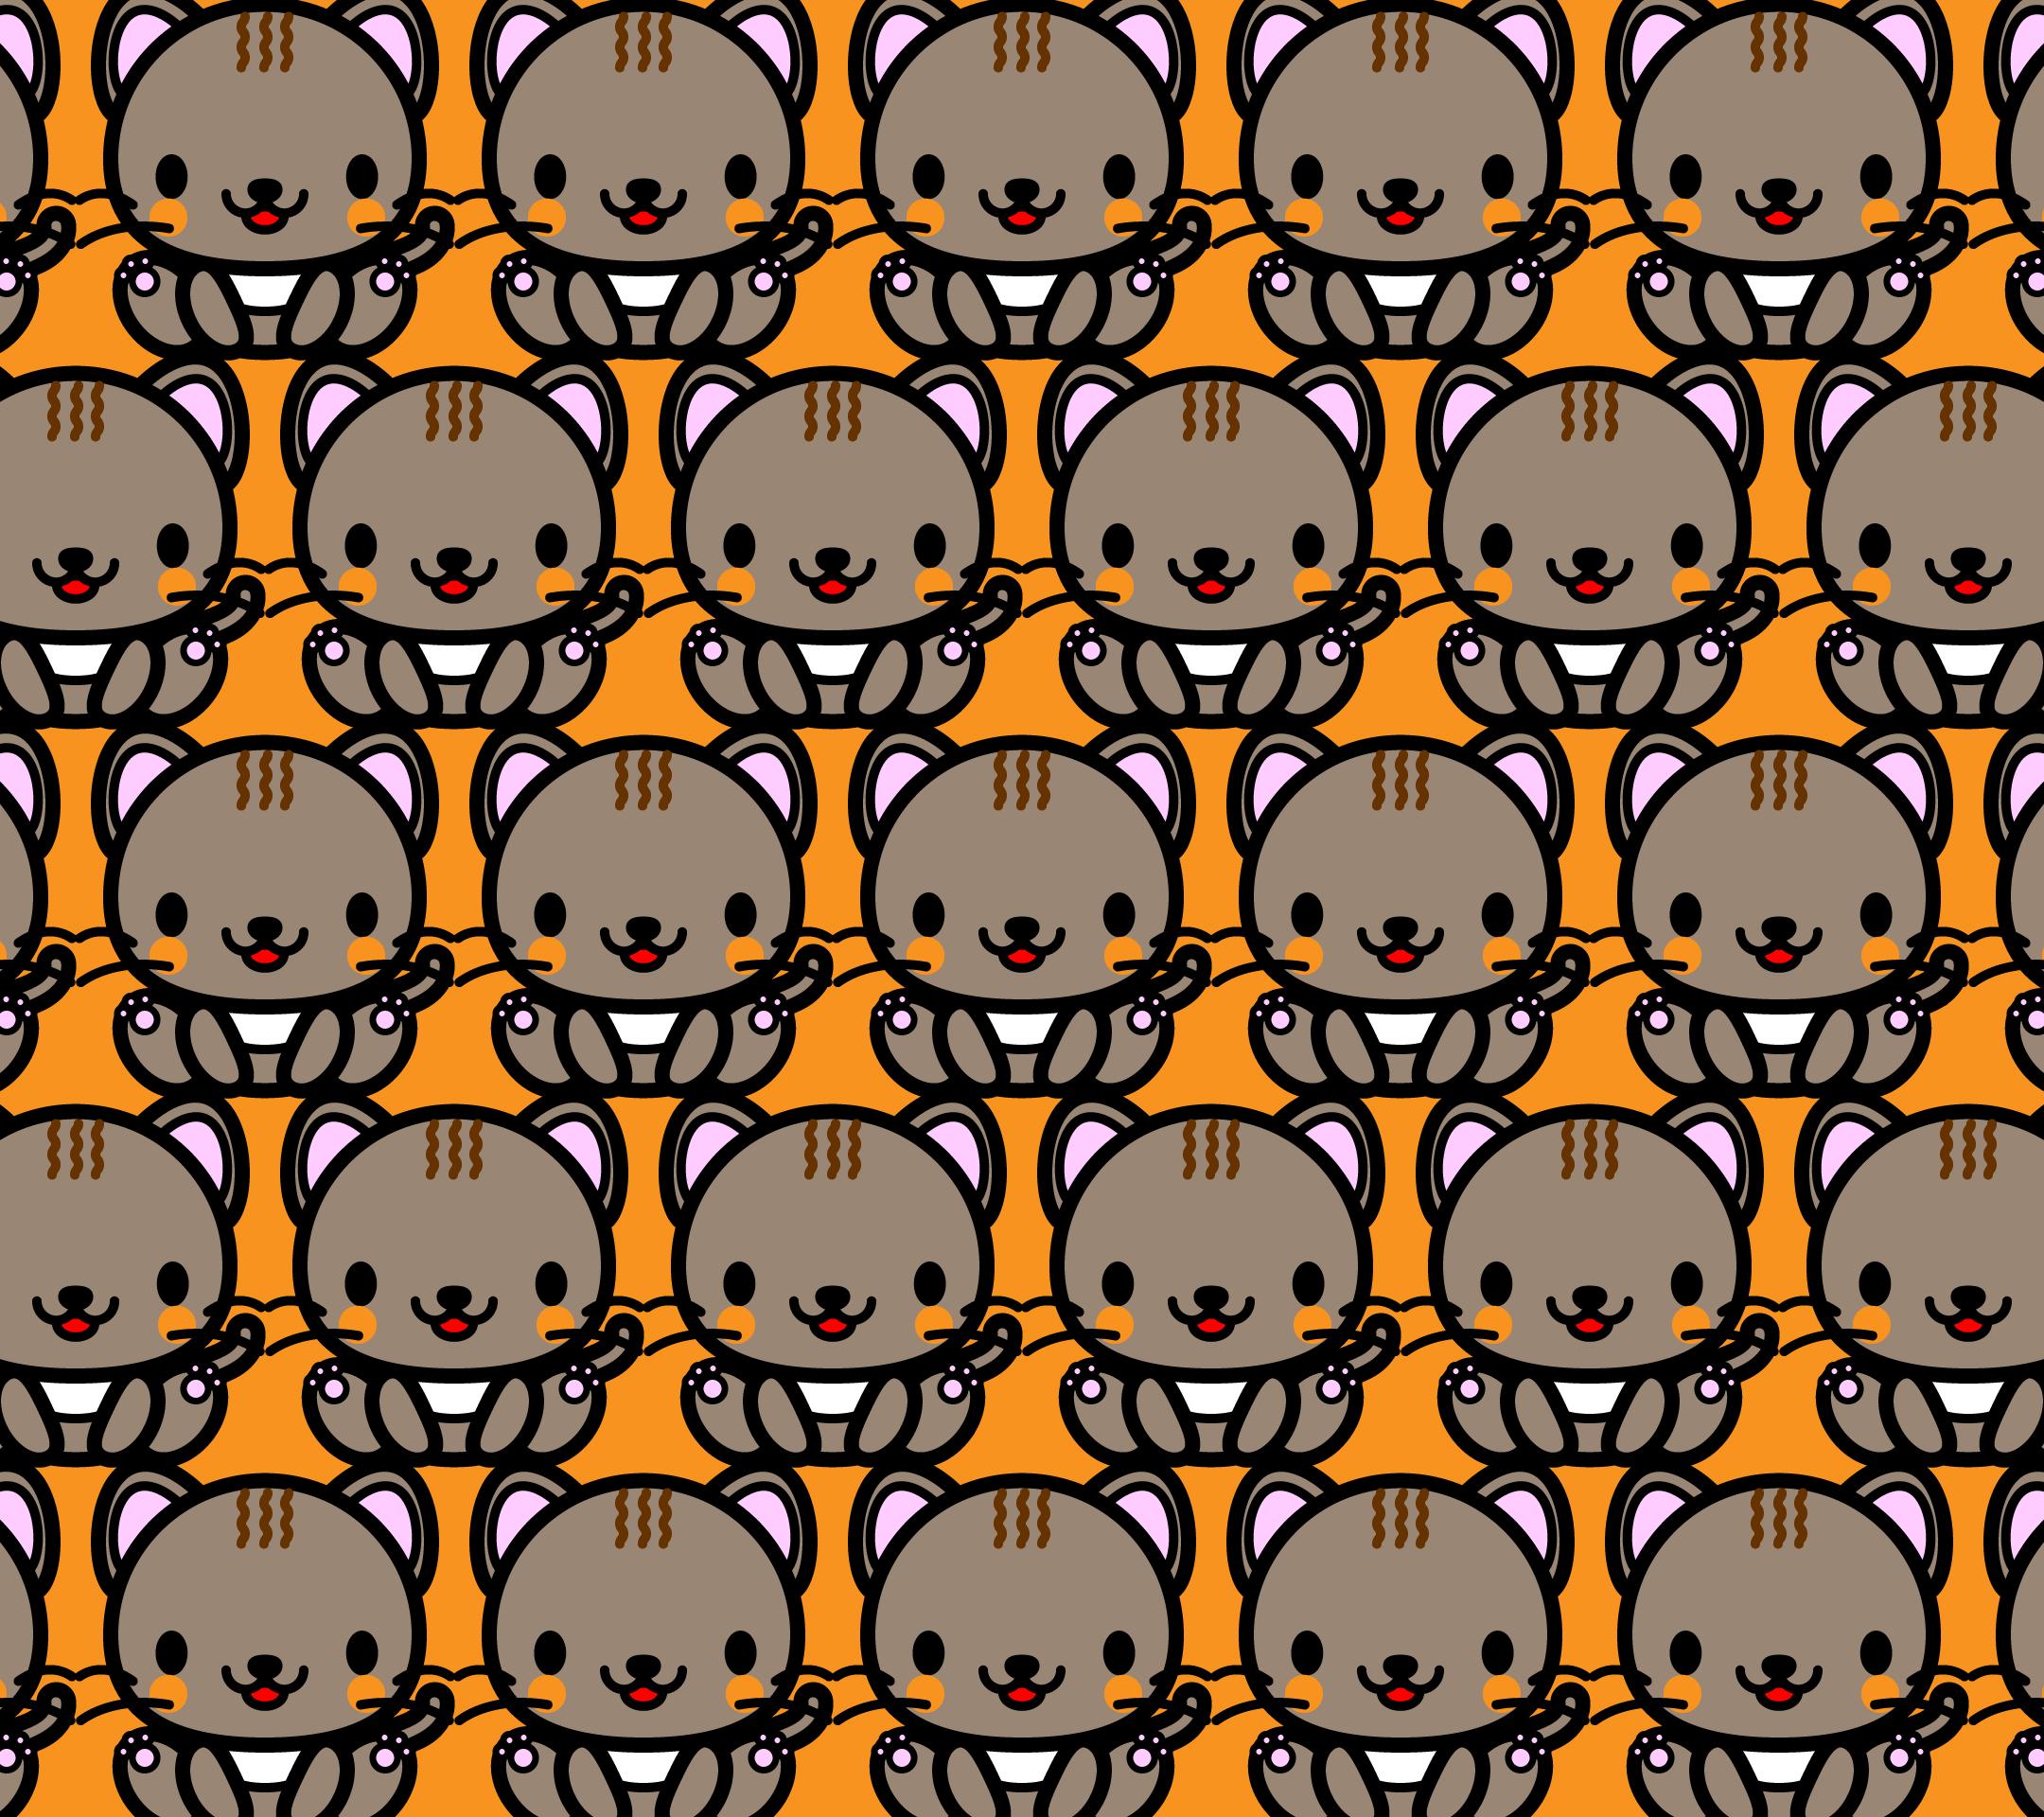 かわいい座り猫づくし・壁紙(Android)の無料イラスト・商用フリー